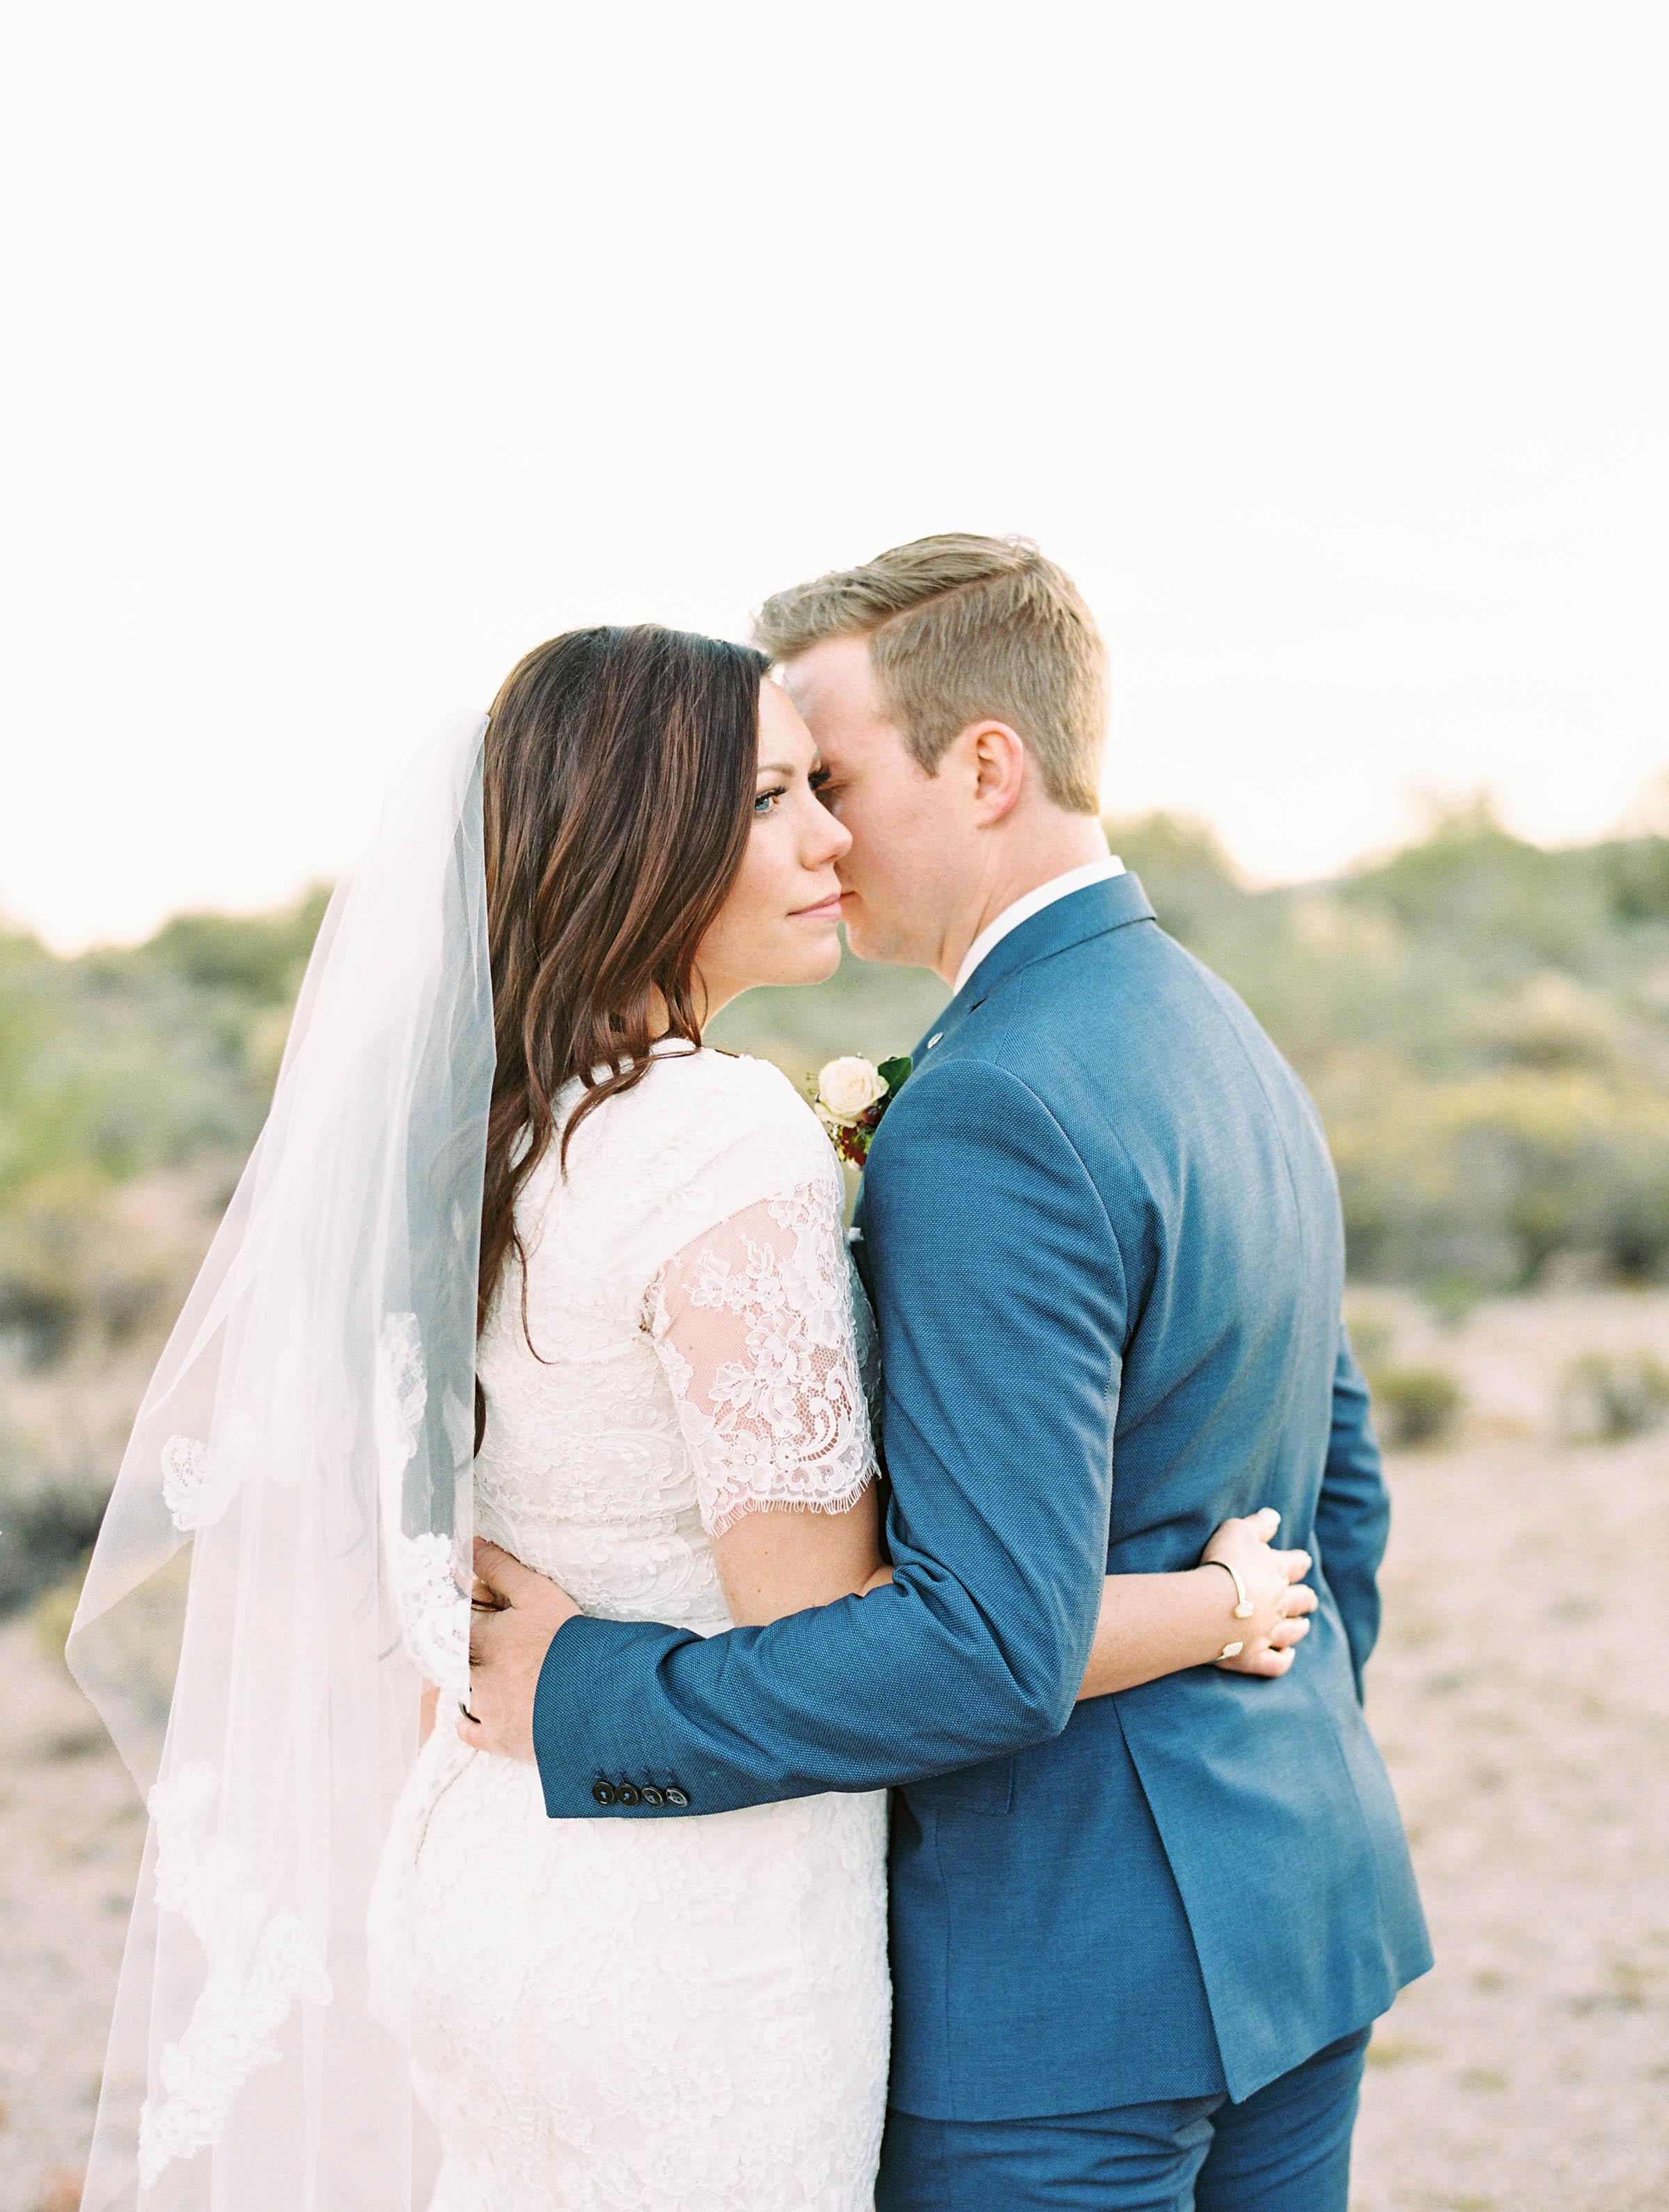 kelsandmichael_weddingphotography_coffey-144.jpg